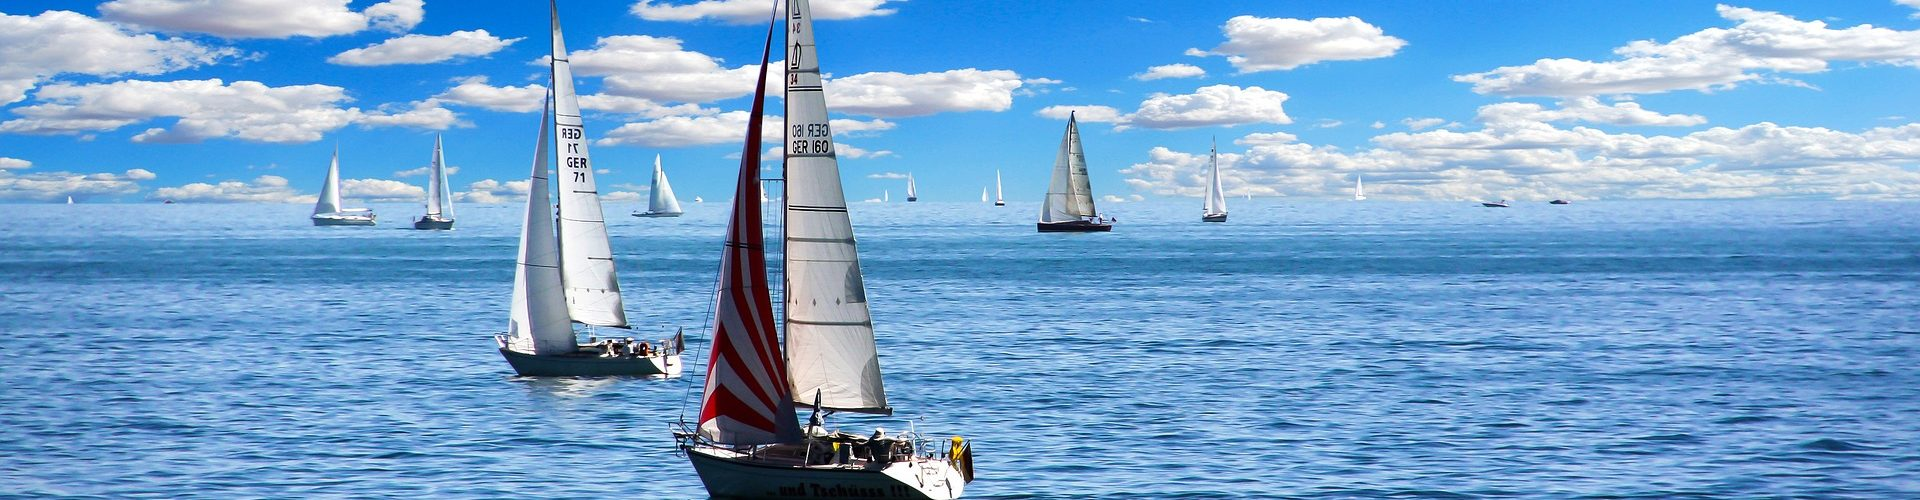 segeln lernen in Wustrow segelschein machen in Wustrow 1920x500 - Segeln lernen in Wustrow